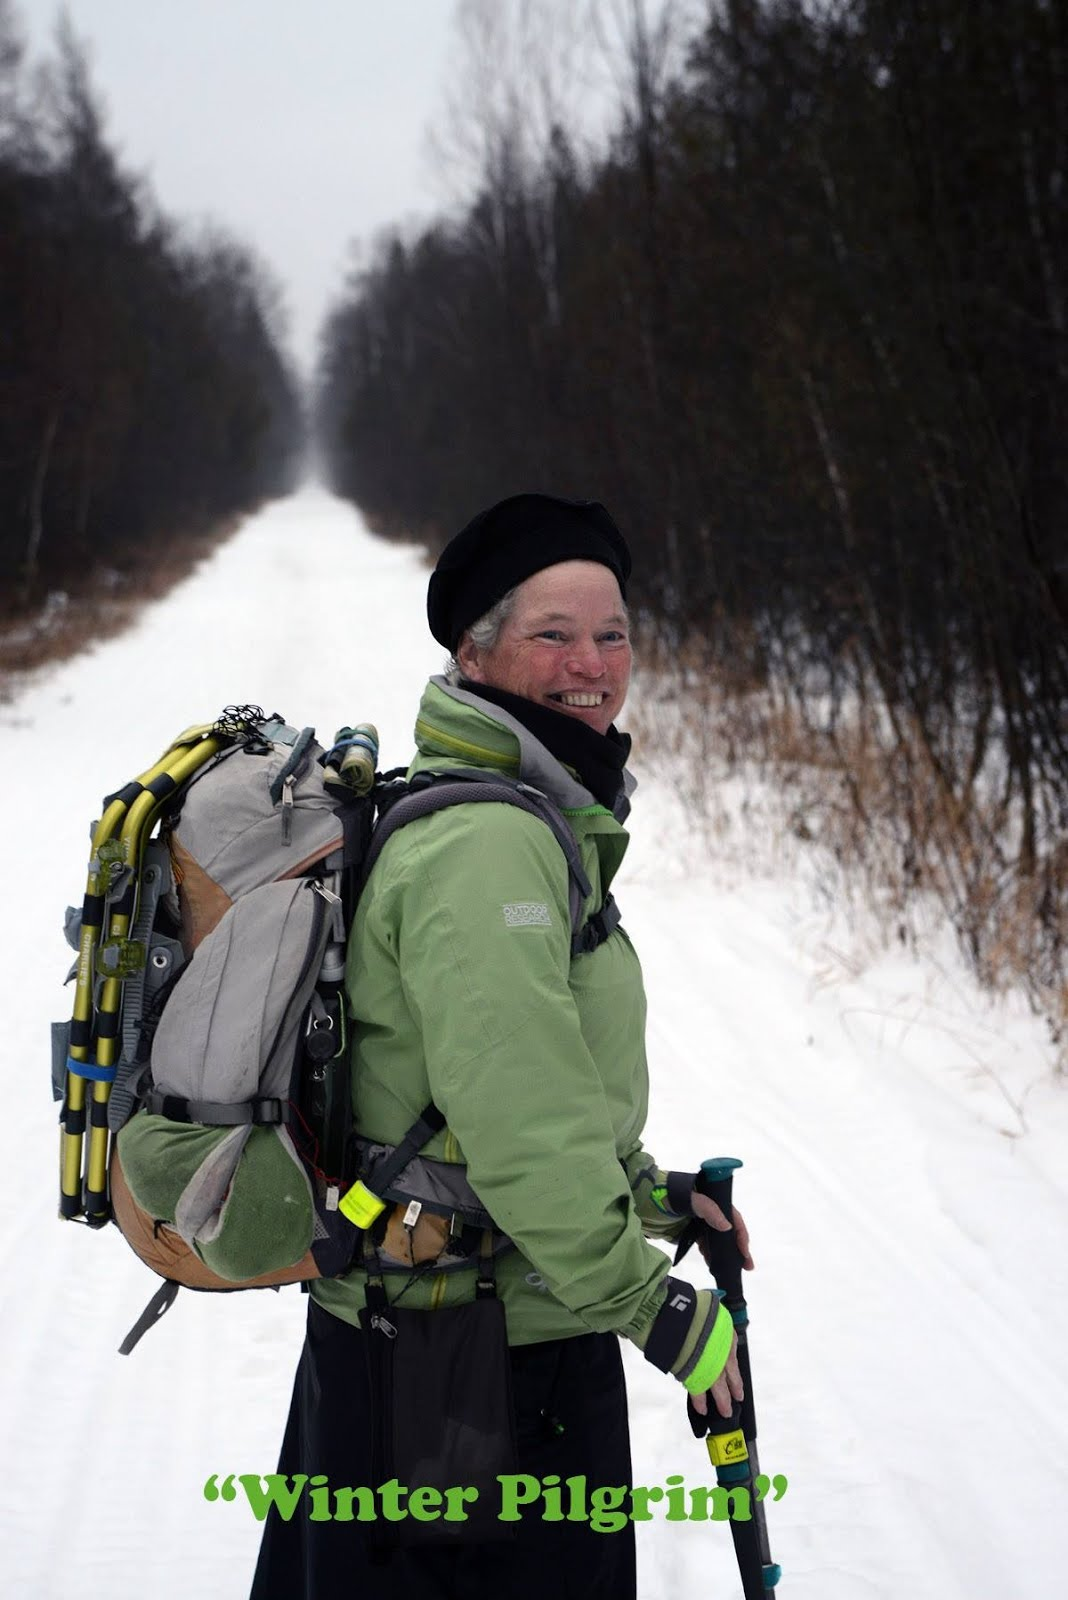 Ann Sieben, The Winter Pilgrim